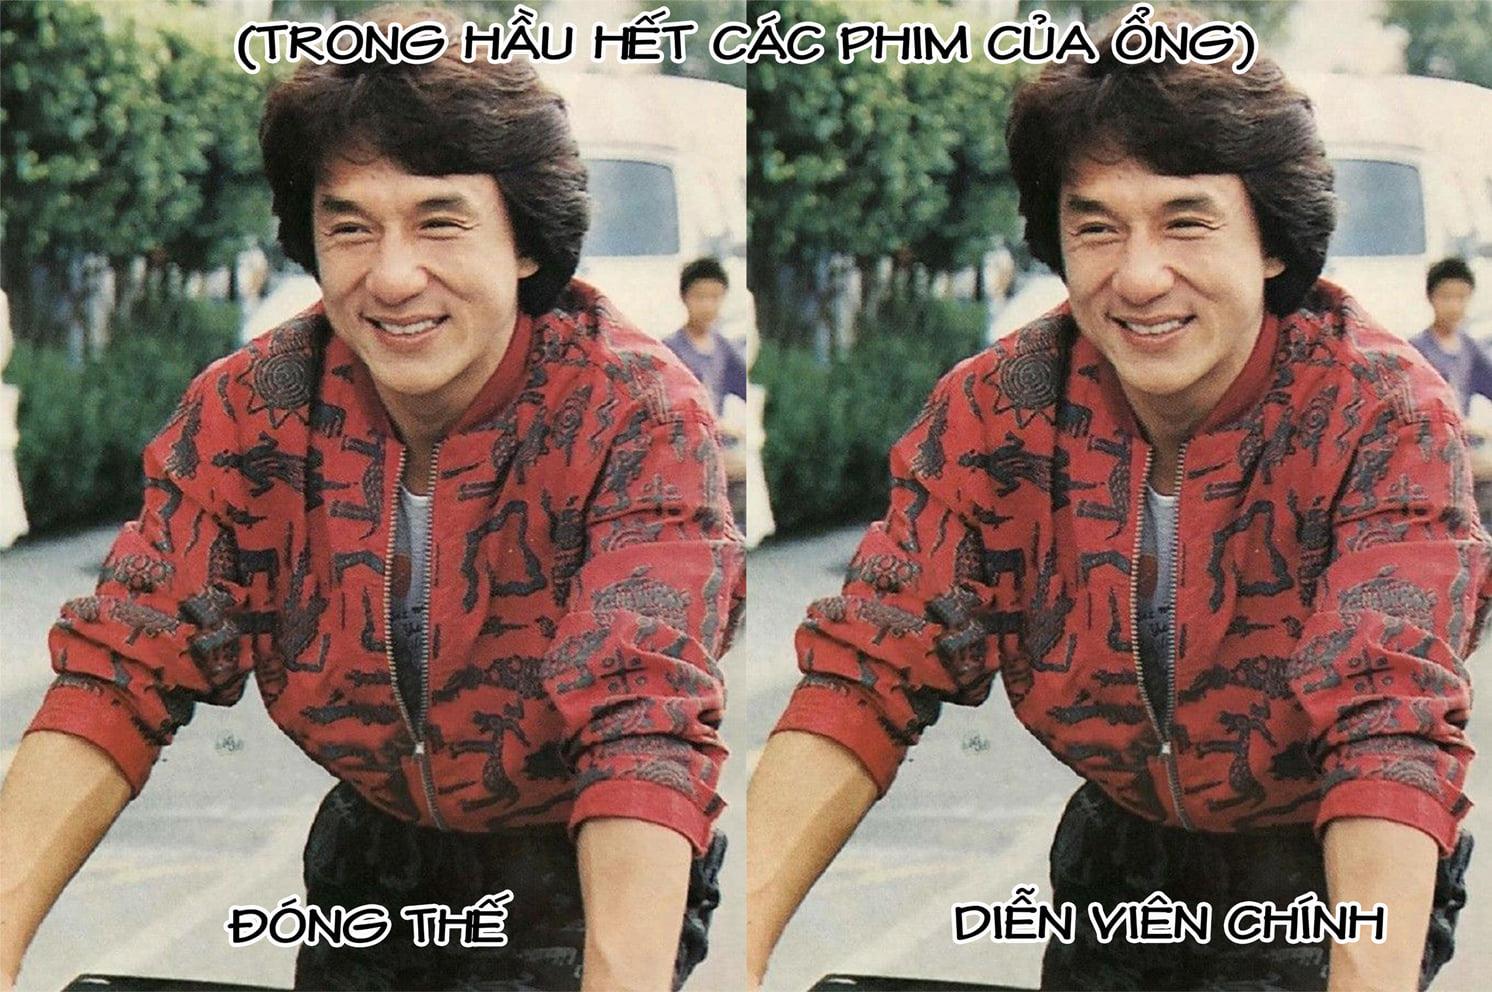 Lộ diện diễn viên đóng thế Dương Mịch, Lệ Dĩnh, Phạm Băng Băng, Lưu Thi Thi... hàng thật, hàng real không biết đâu mà lần 18